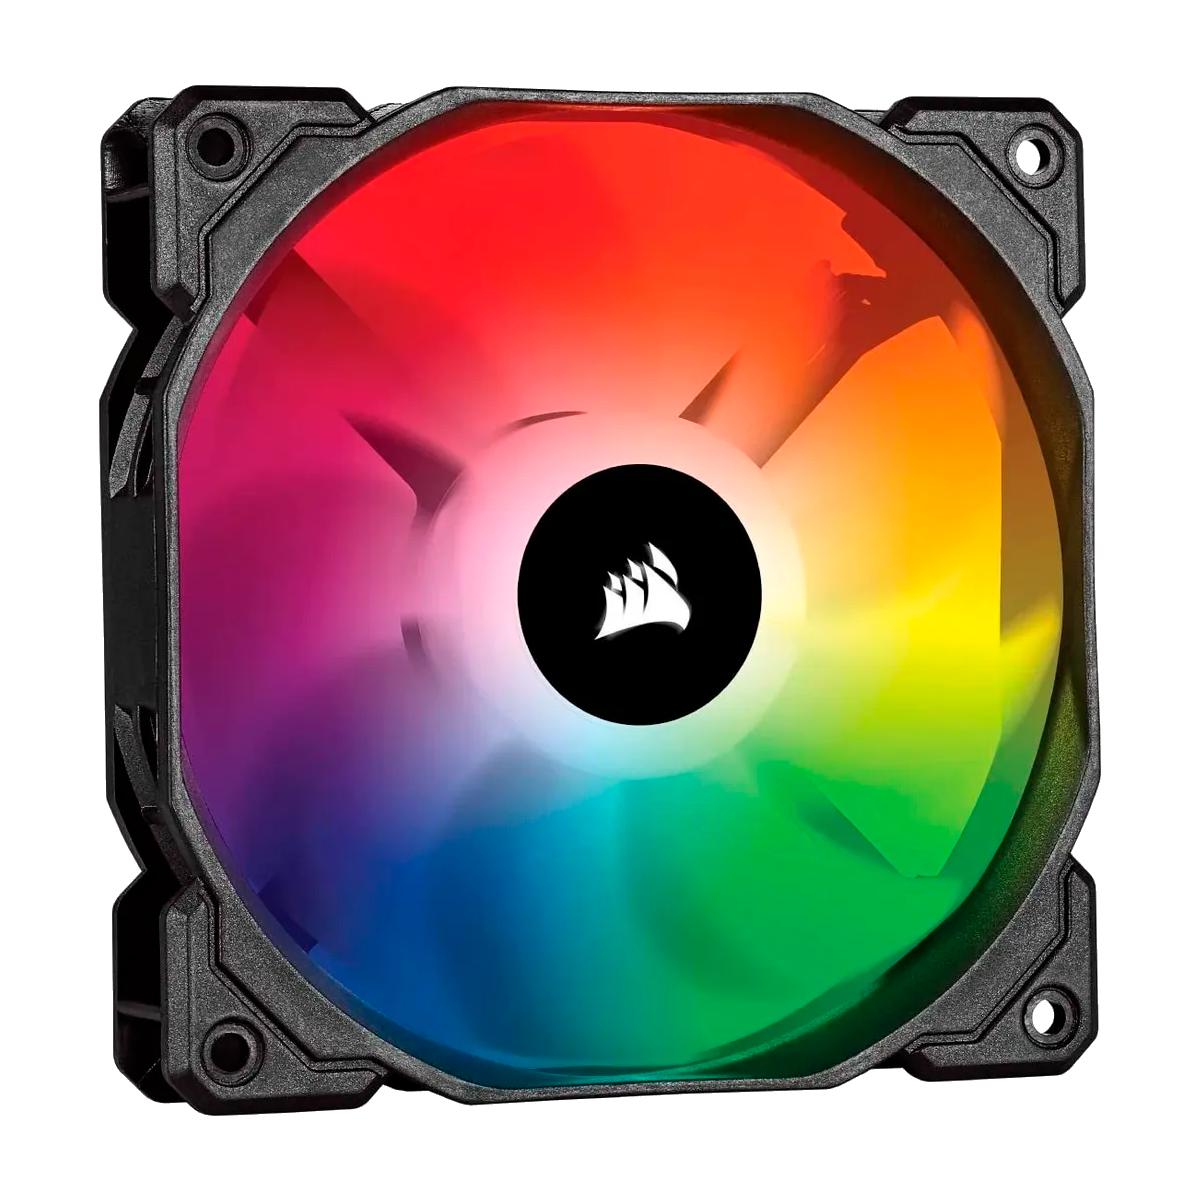 Gallery SP 120 RGB Pro 1